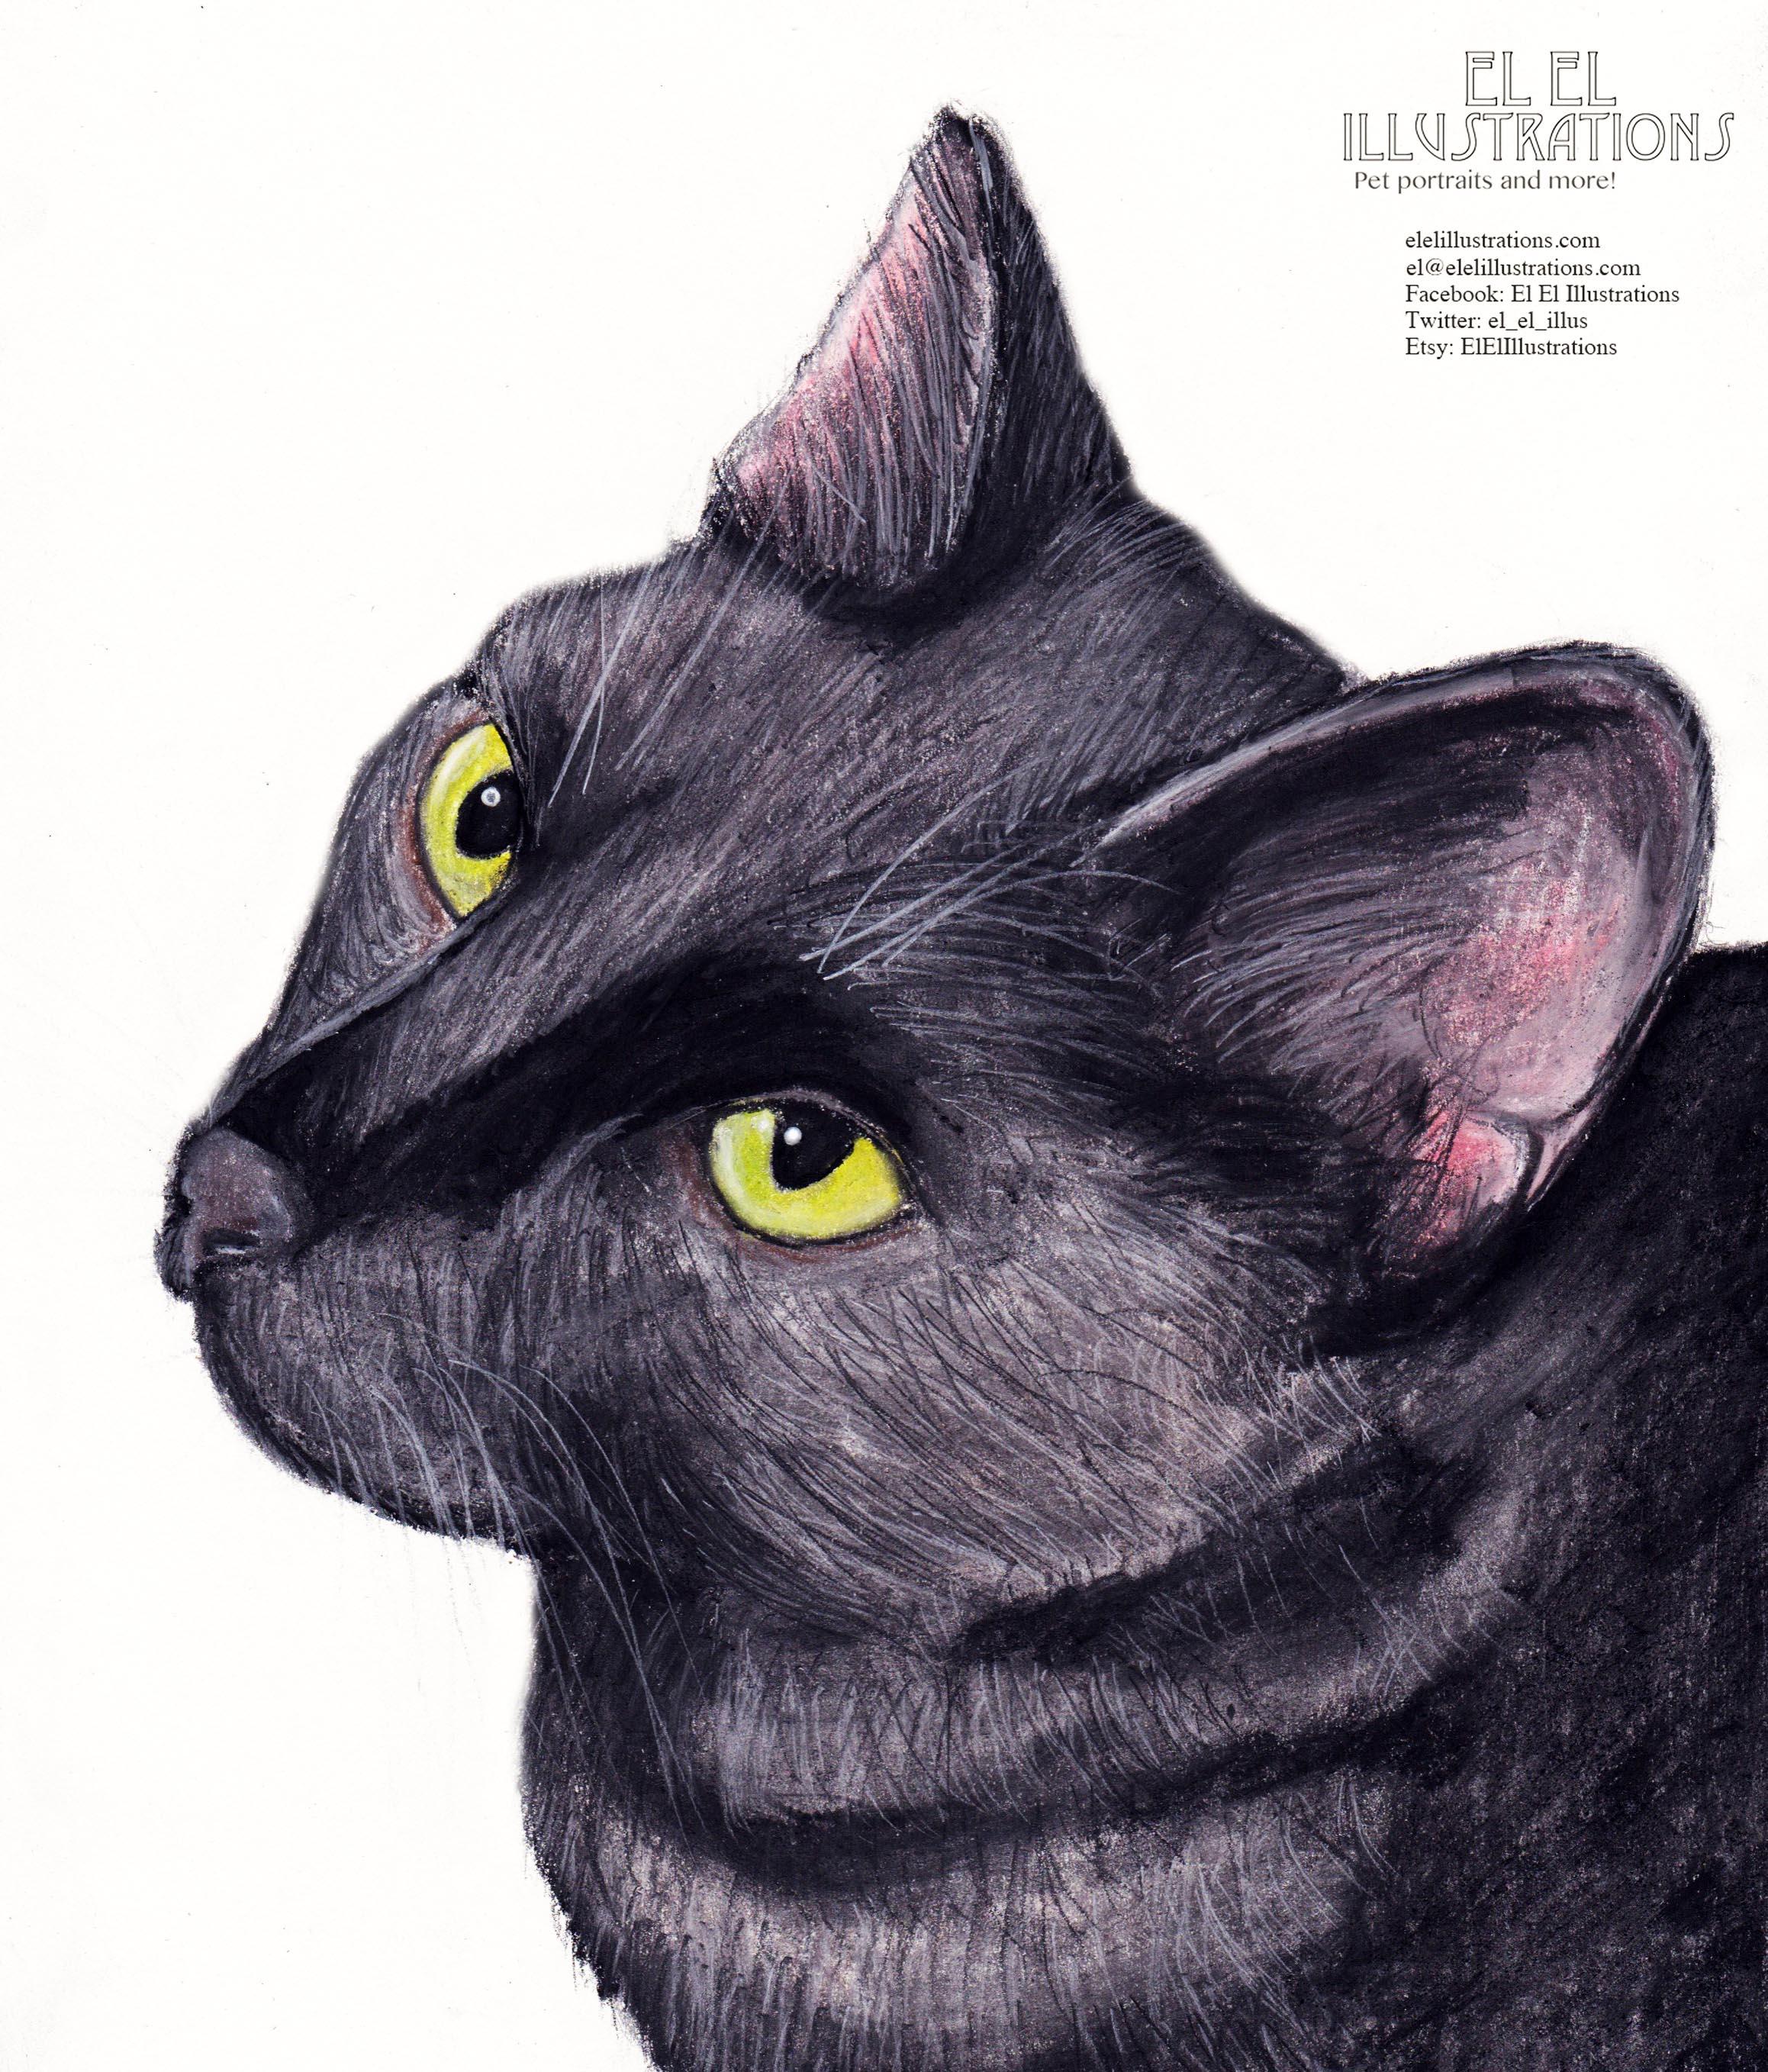 nesta_cat_wm.jpg